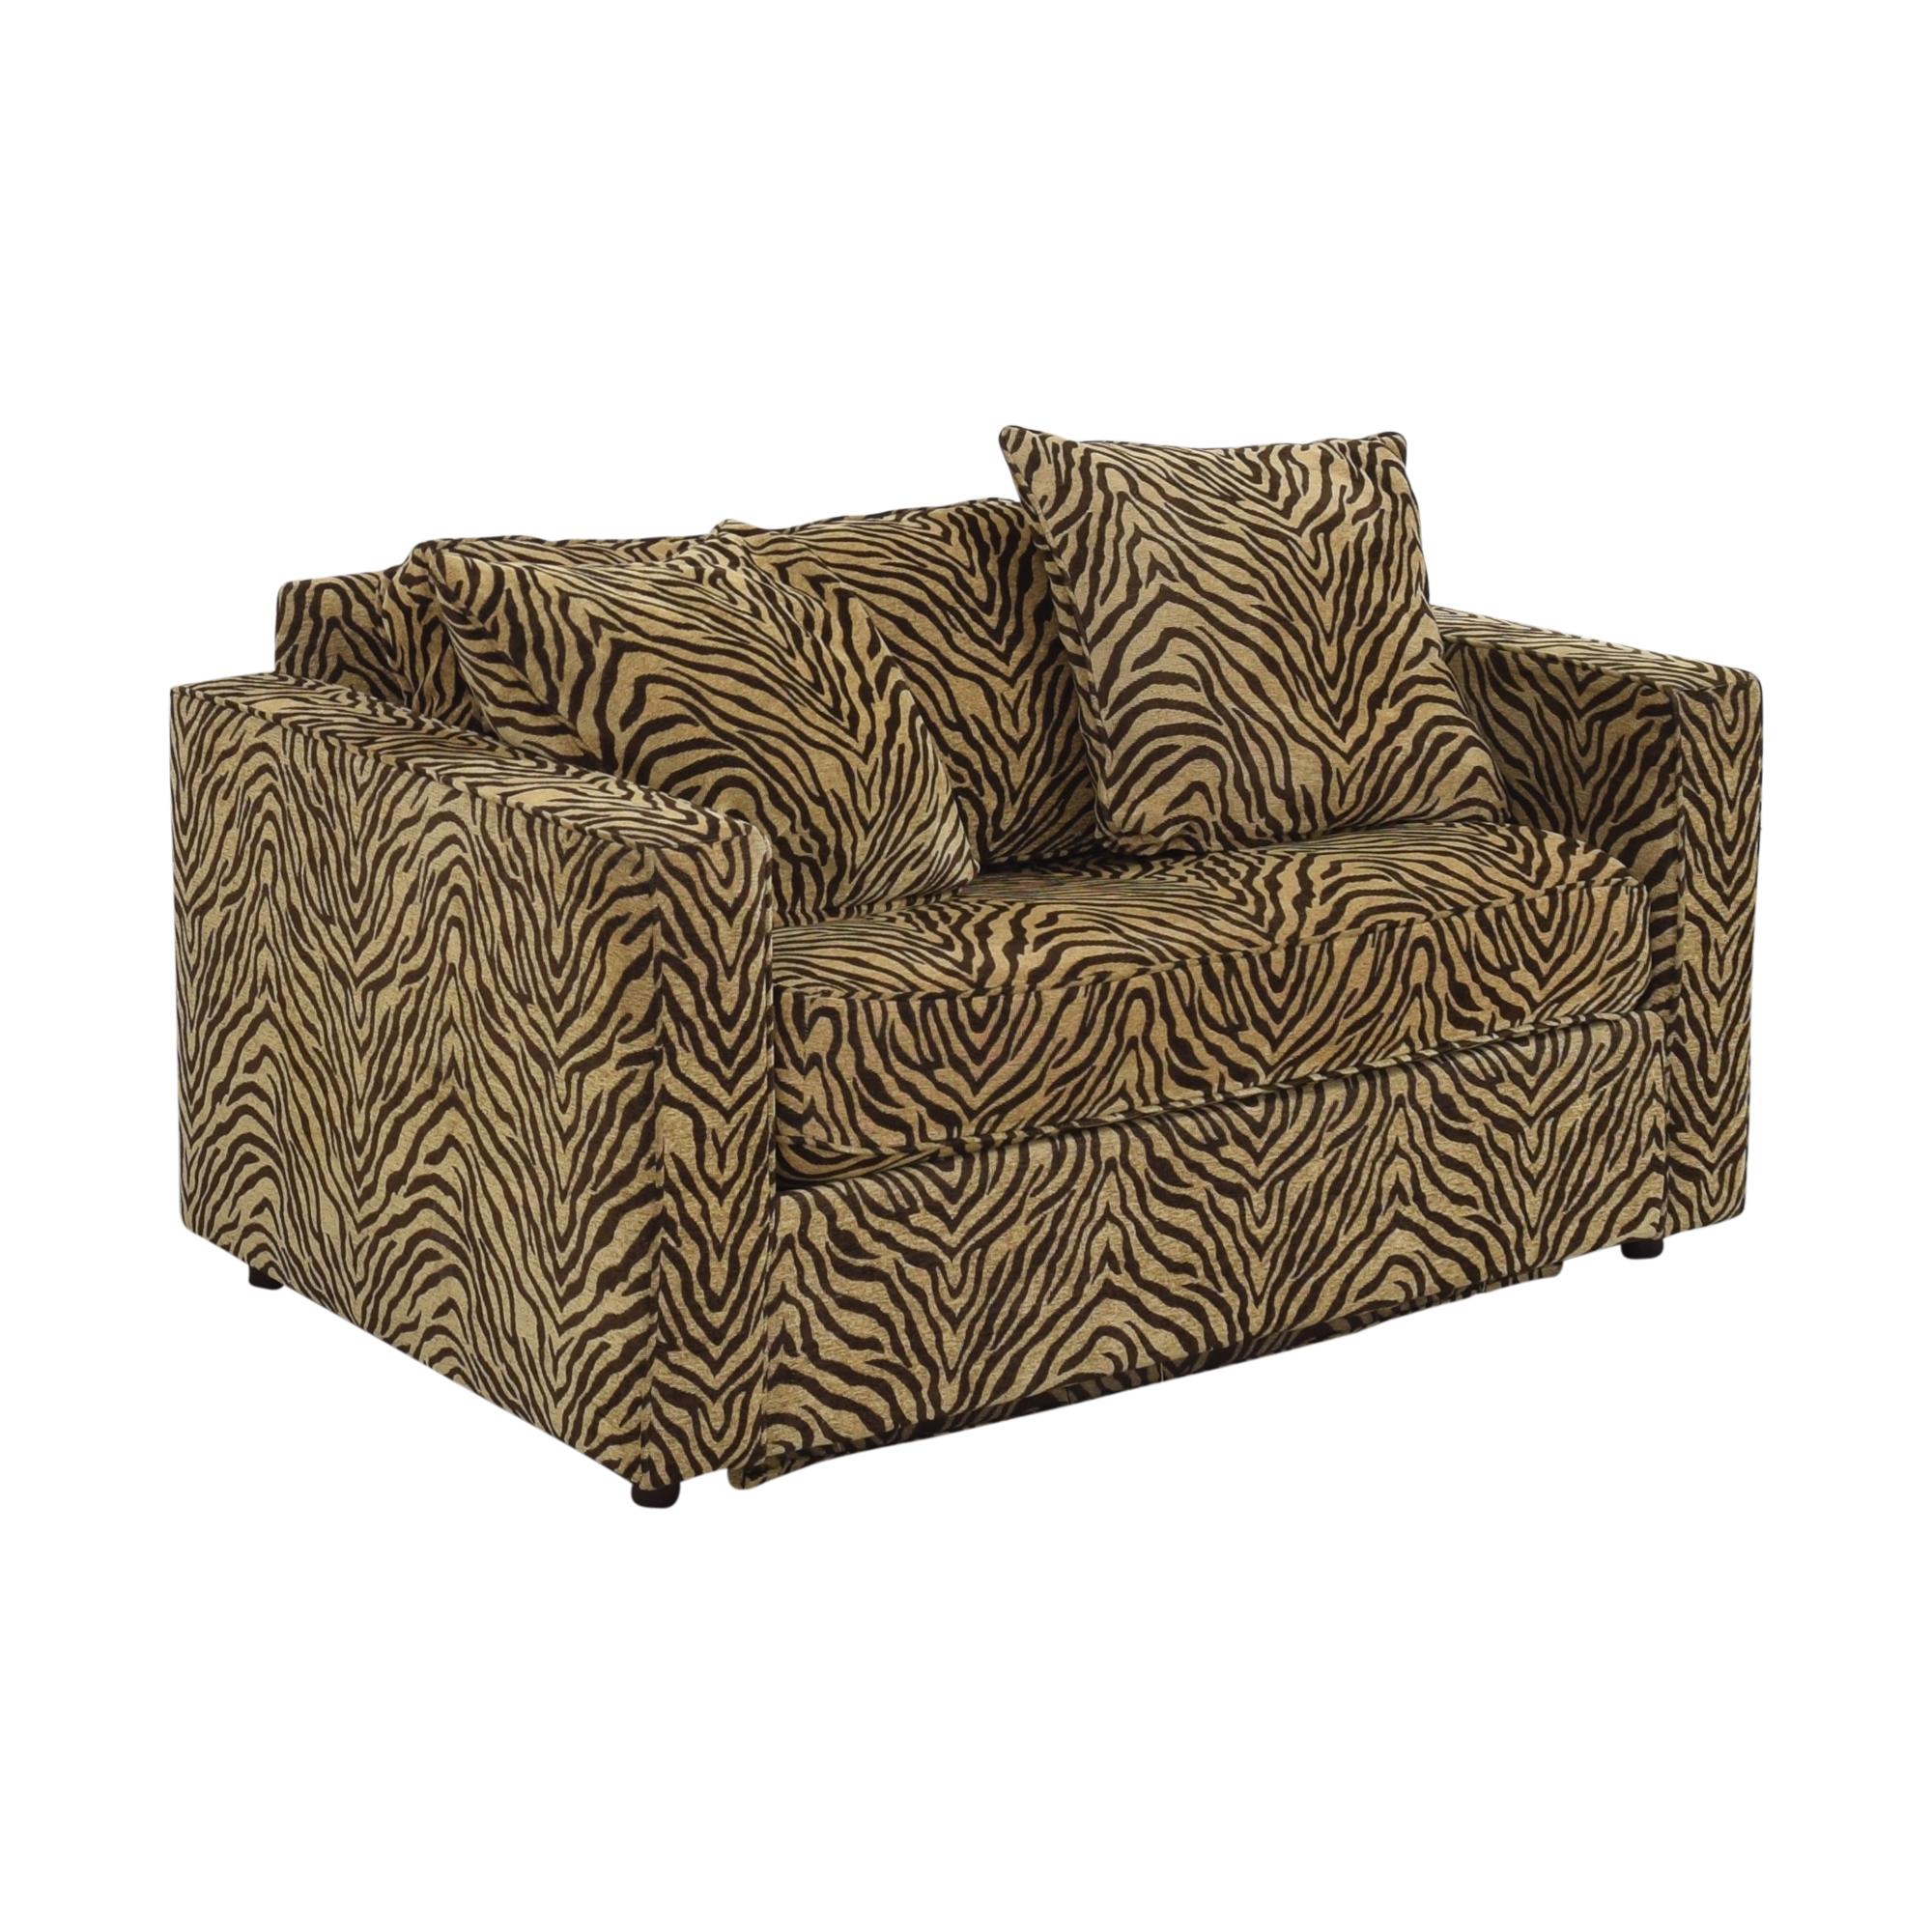 buy Arhaus Twin Sleeper Chair Arhaus Sofa Beds